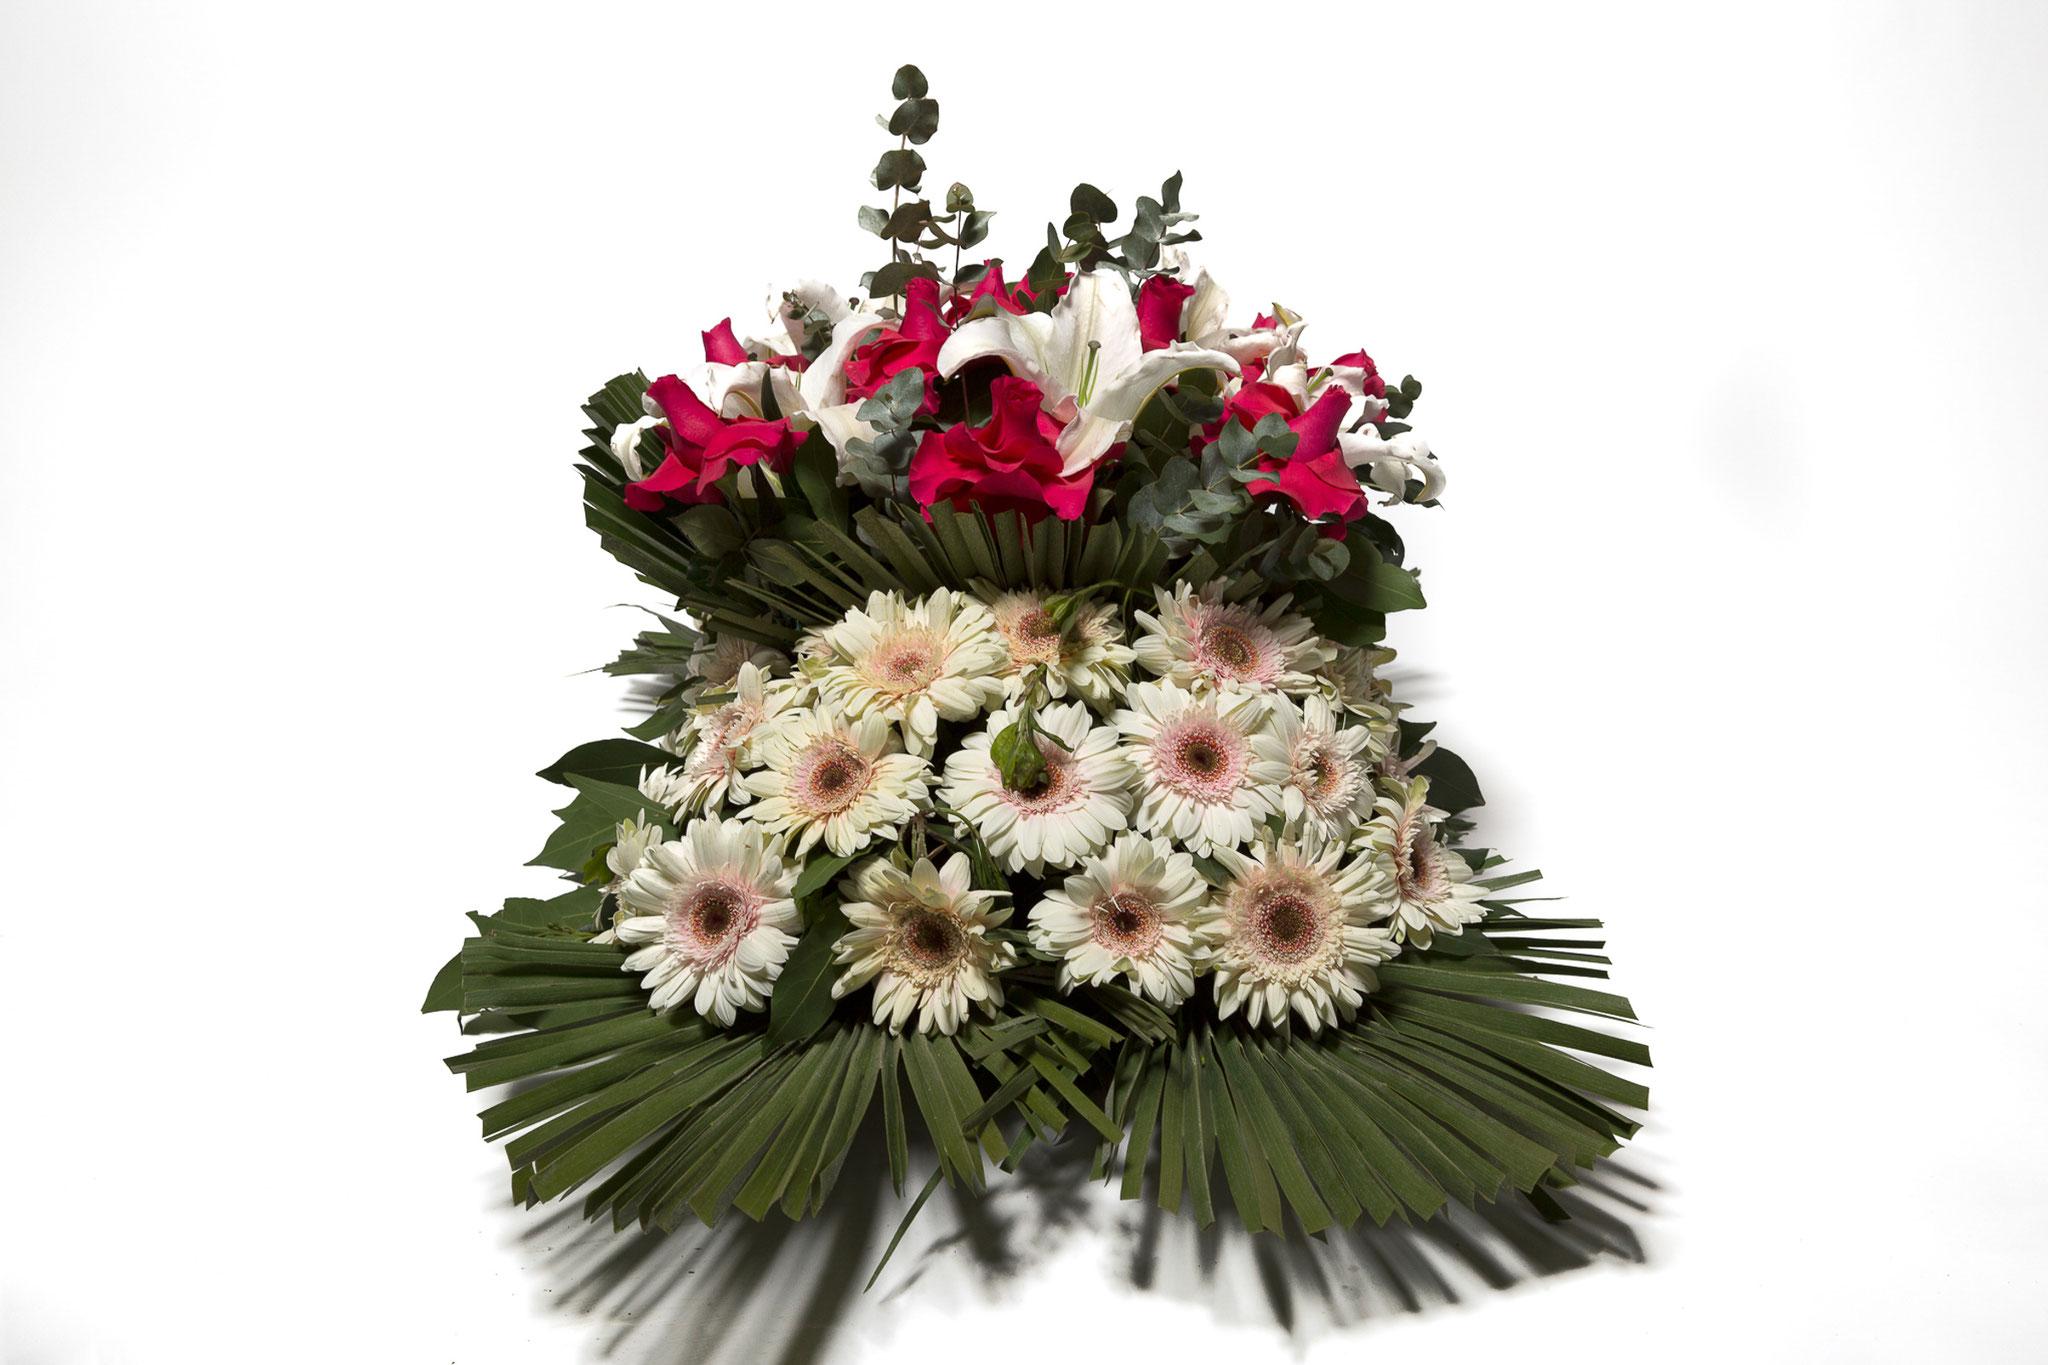 Composizione funebre -Cuscino -  deluxe